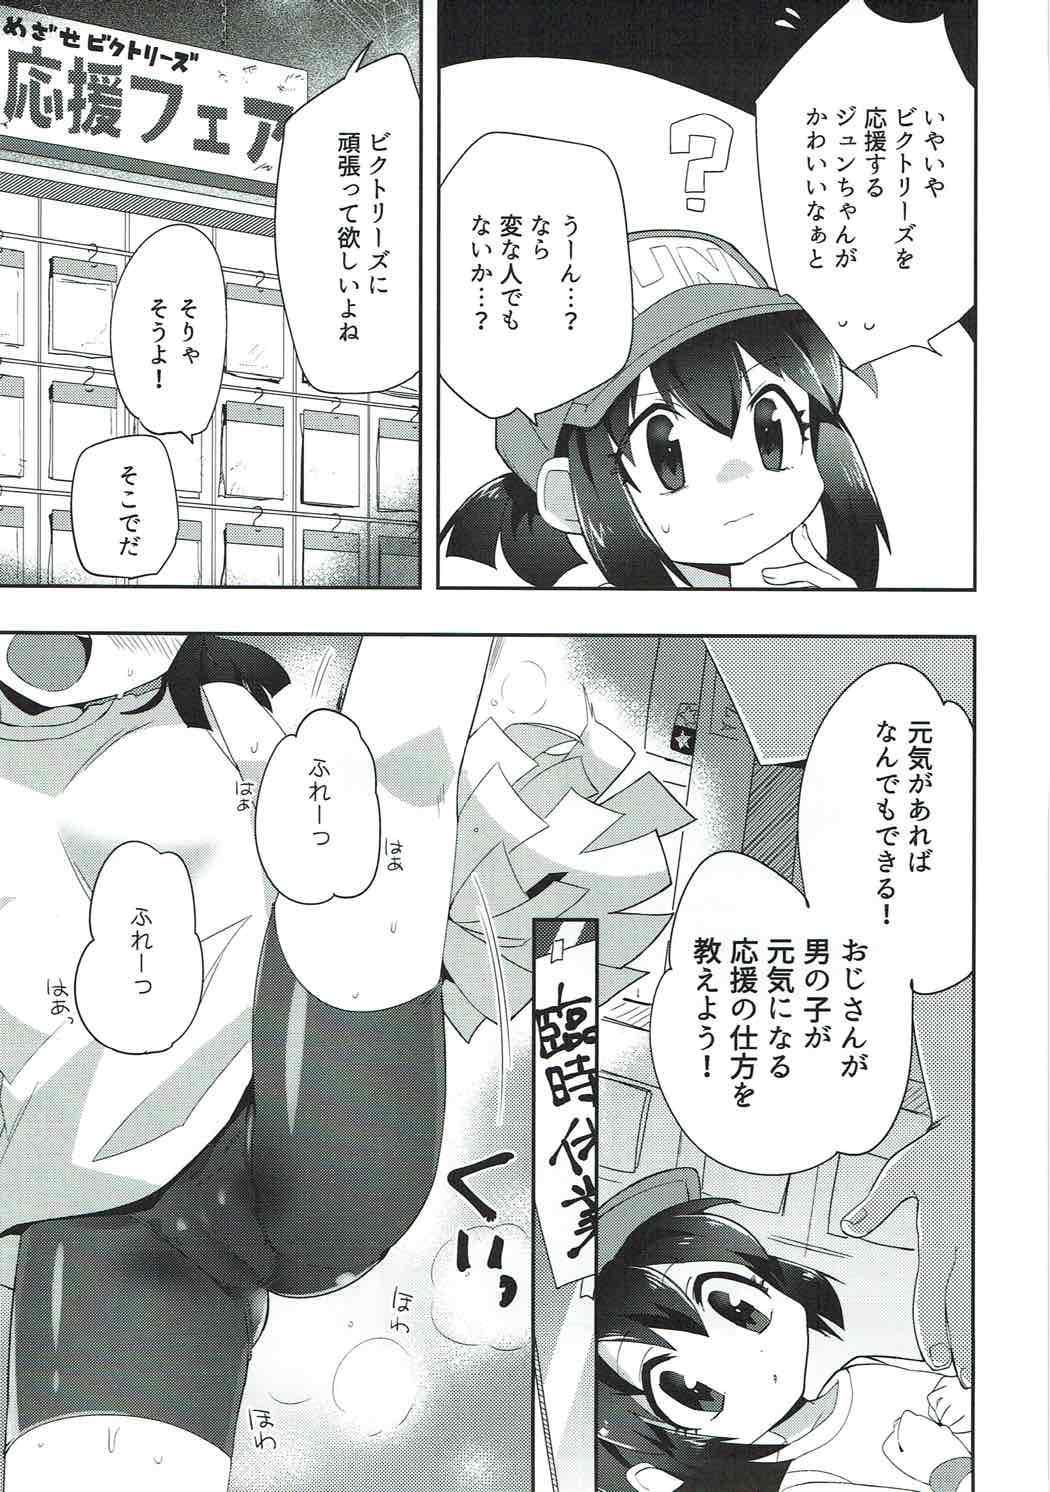 Genki ga Areba Nandemo Dekiru! 3